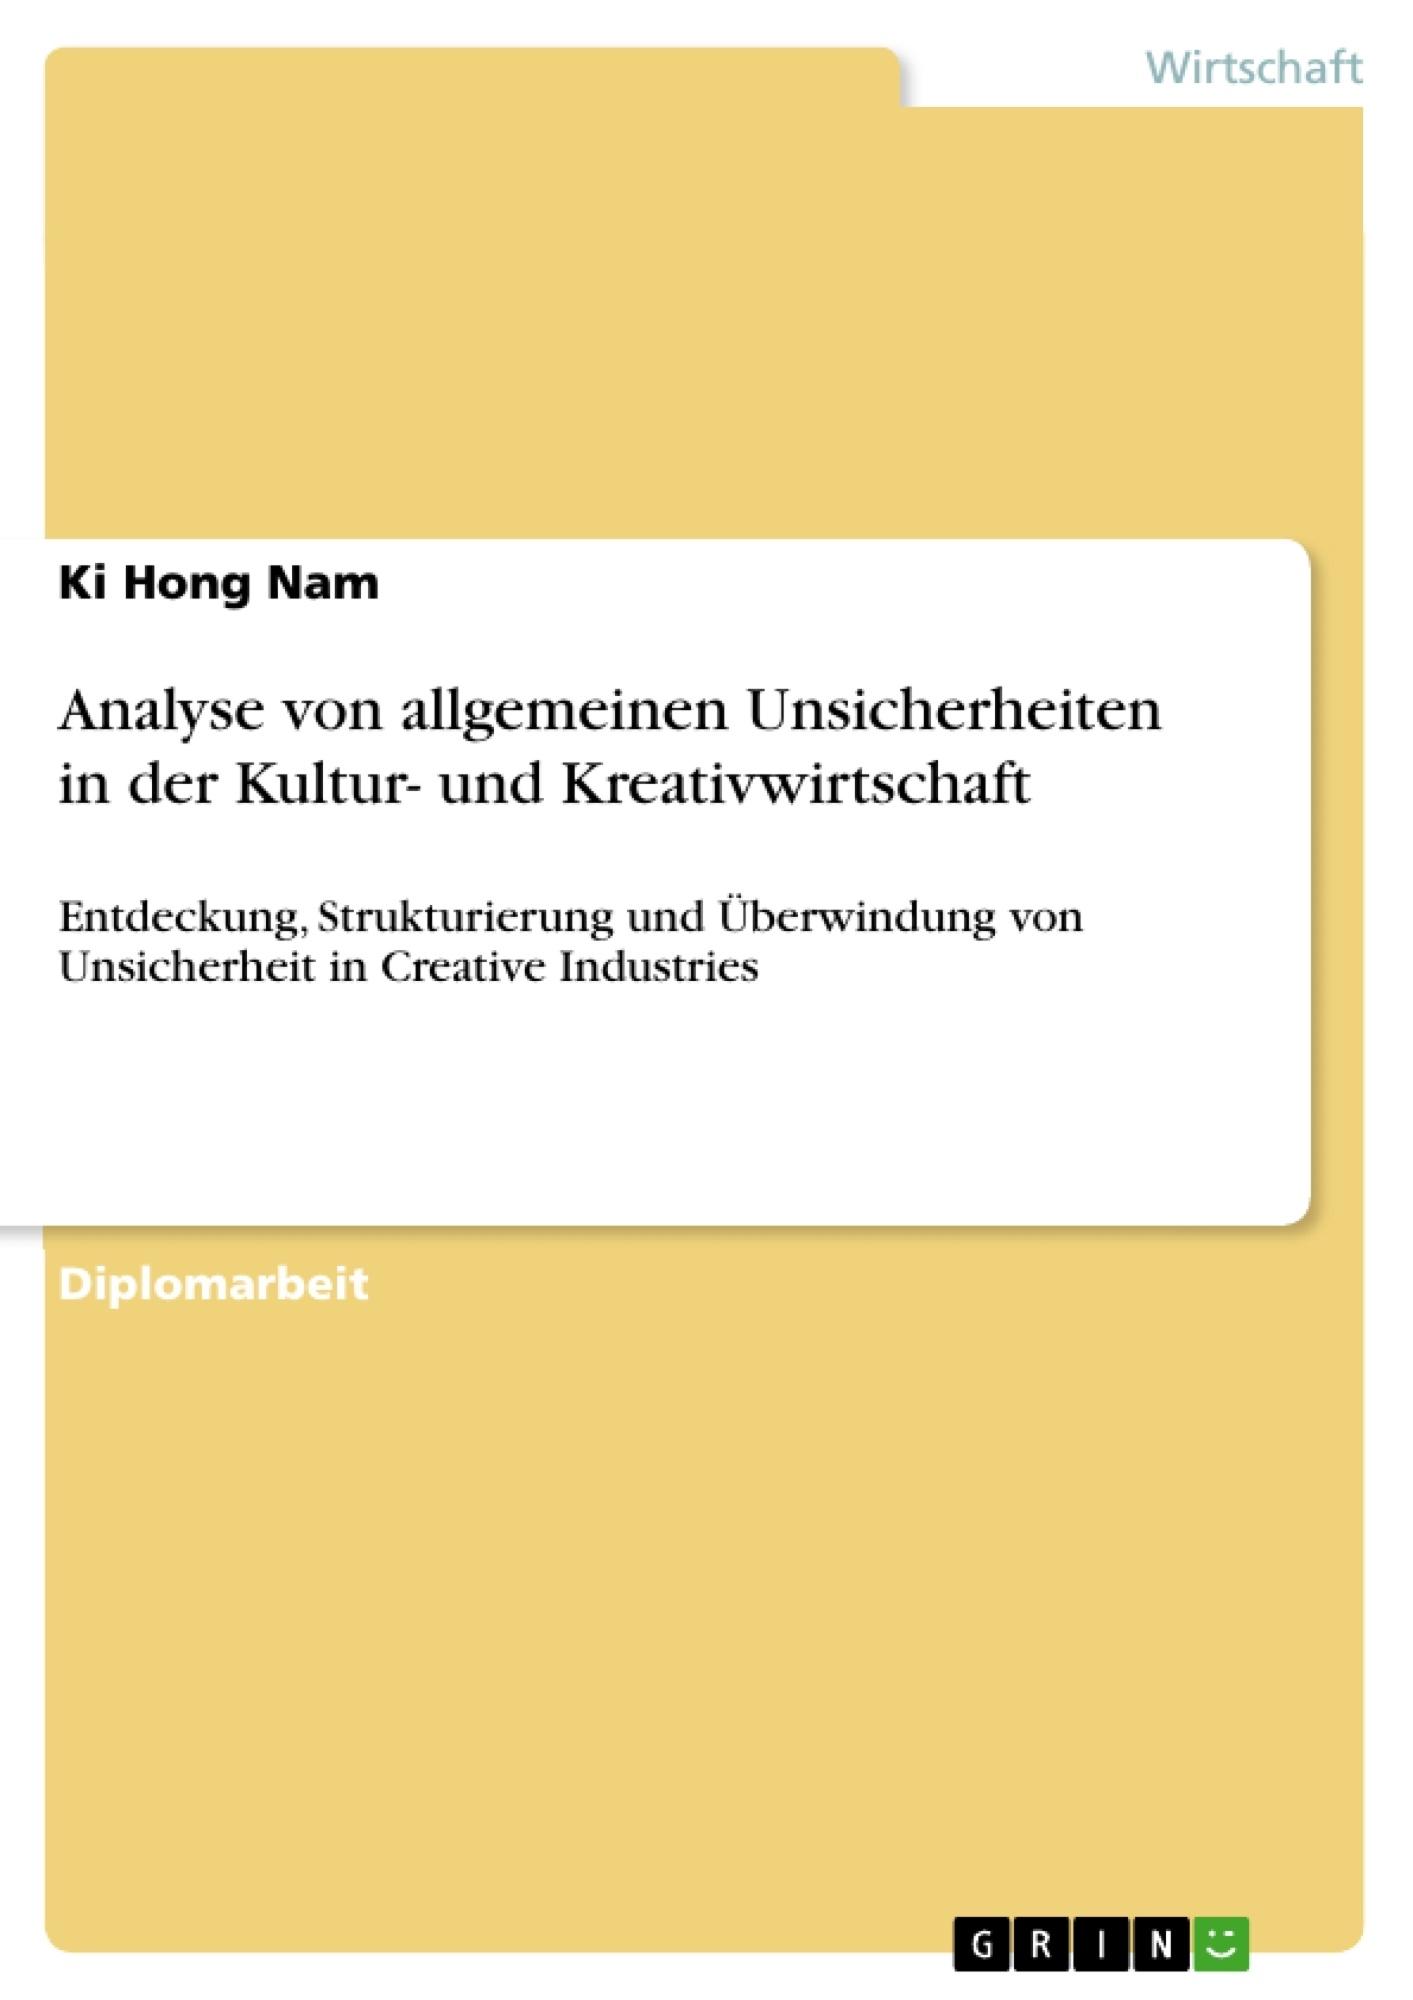 Titel: Analyse von allgemeinen Unsicherheiten in der Kultur- und Kreativwirtschaft